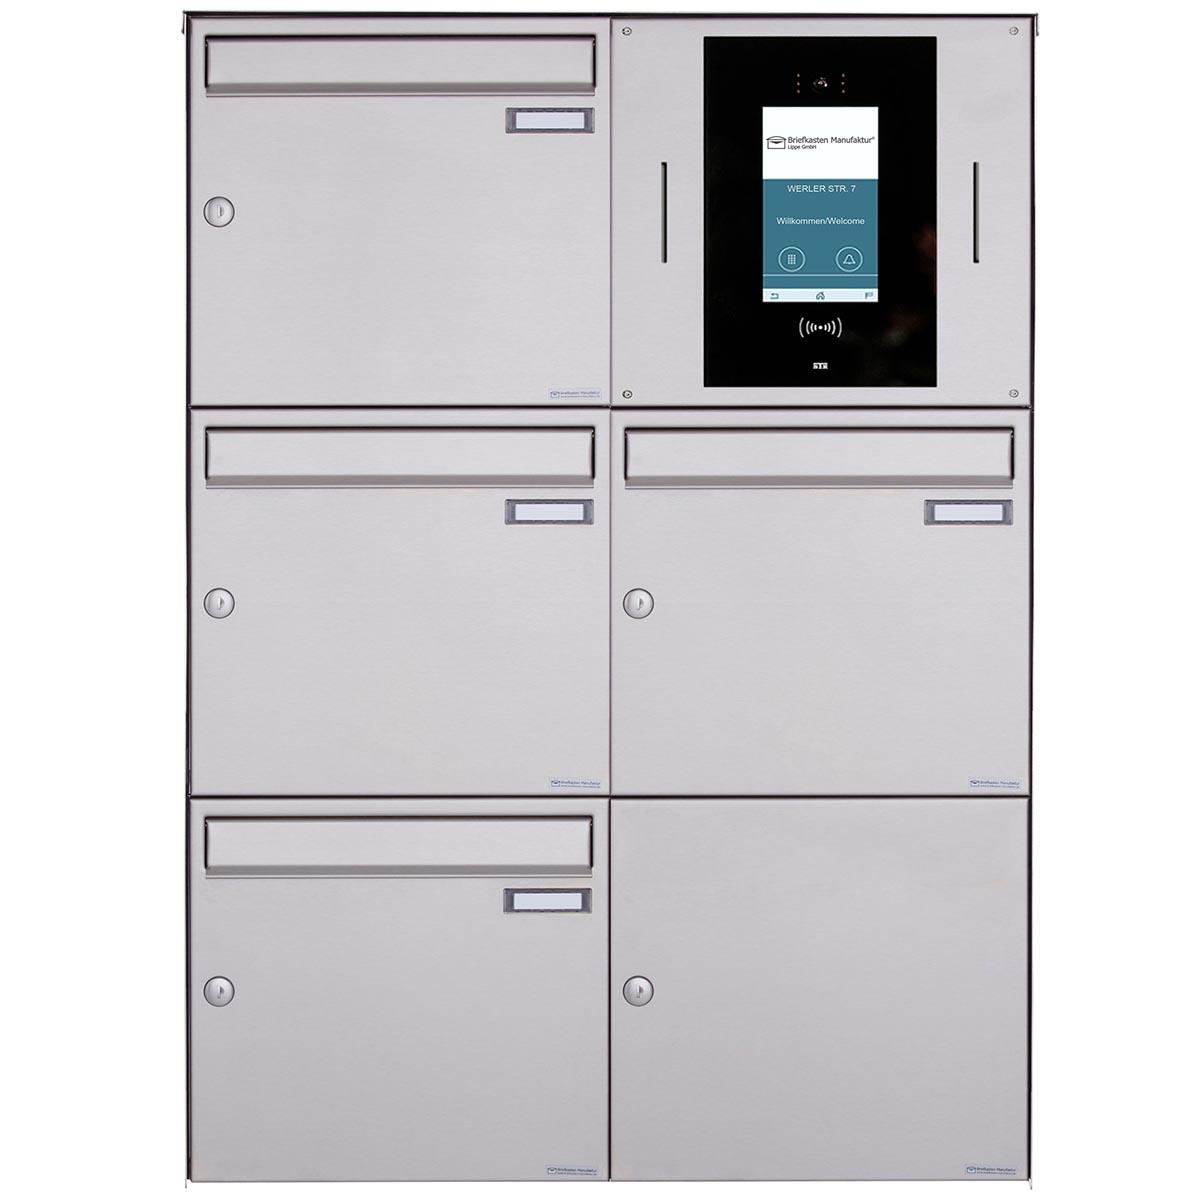 9er 9x9 Aufputzbriefkasten BASIC Plus 989XA AP   Edelstahl geschliffen    STR Digitale Türstation